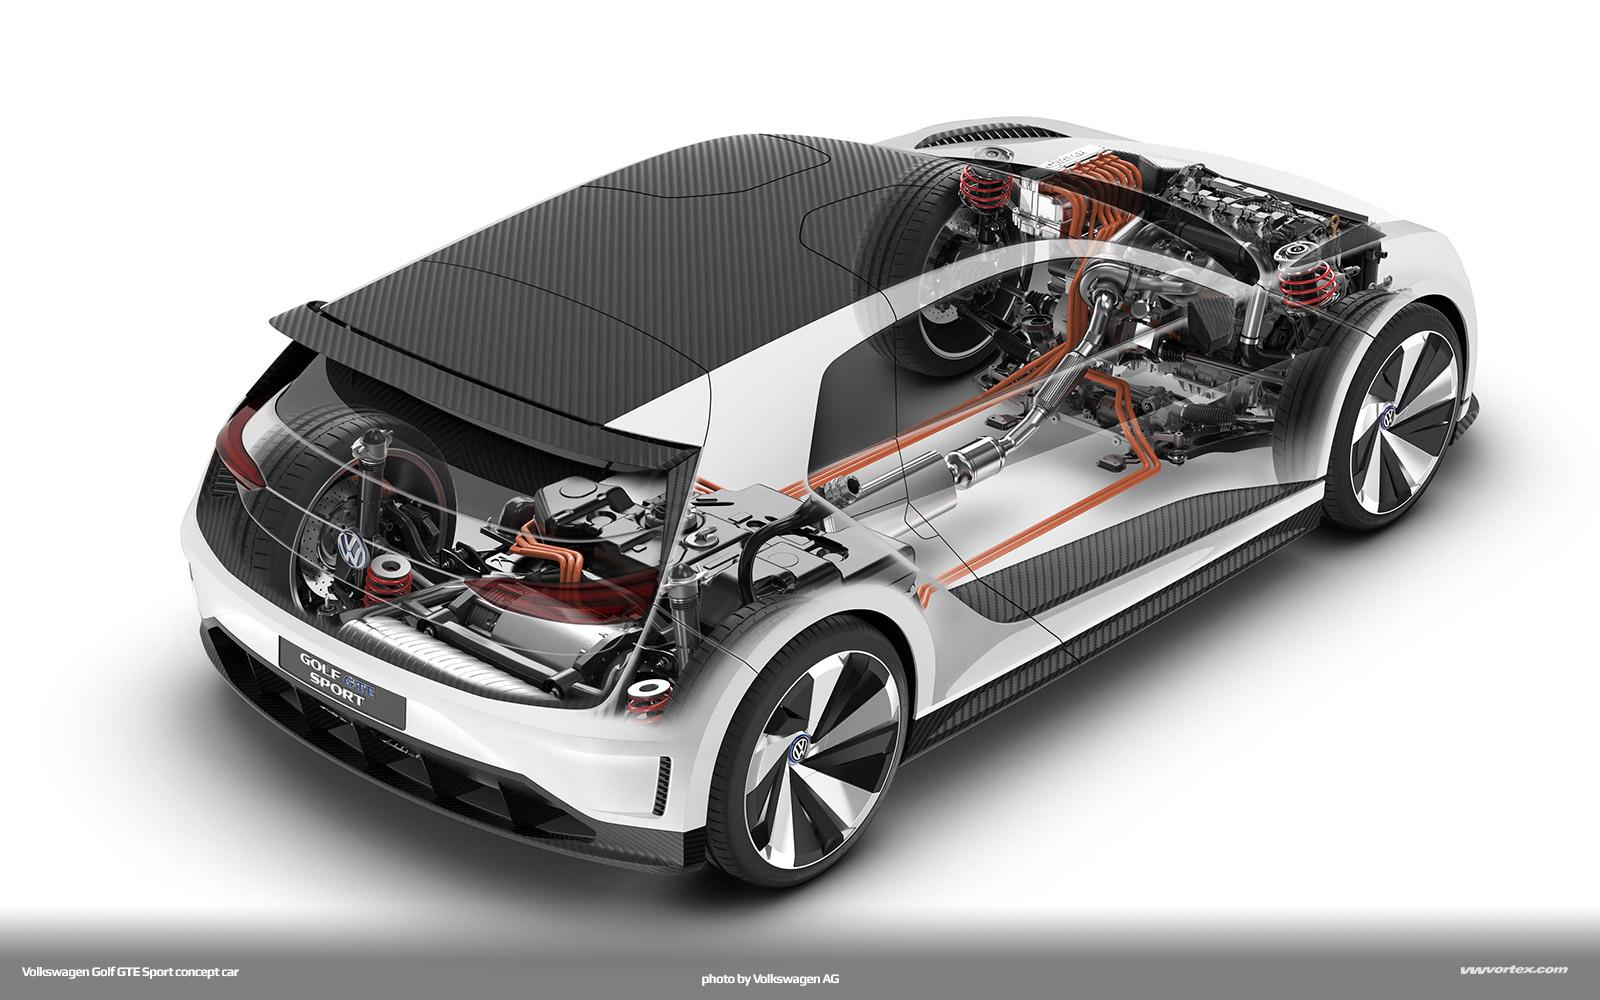 Volkswagen-Golf-GTE-Sport-concept-928